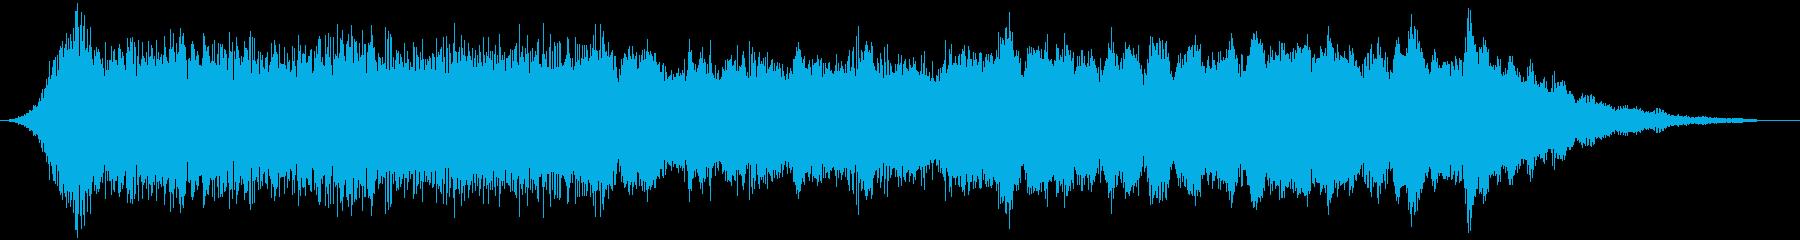 【ダークアンビエント】宇宙空間の雰囲気の再生済みの波形